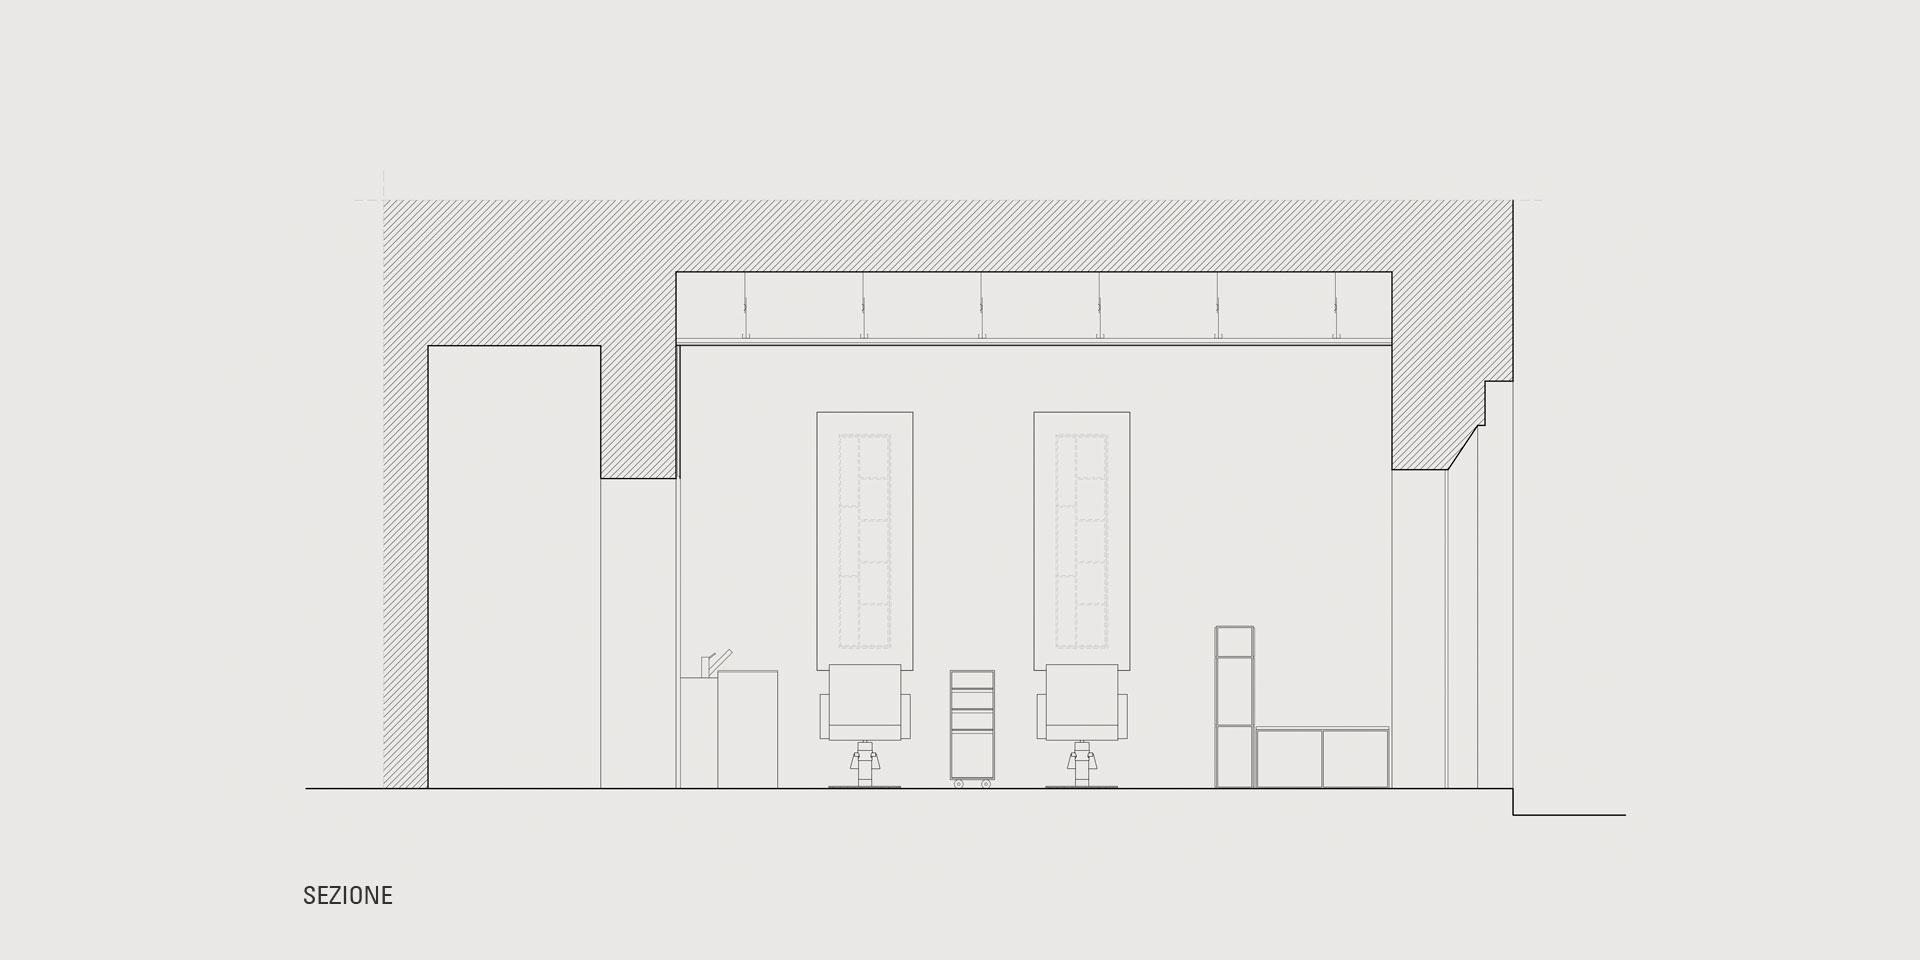 archinow_DM_parrucchiere-piazza-cavour_04